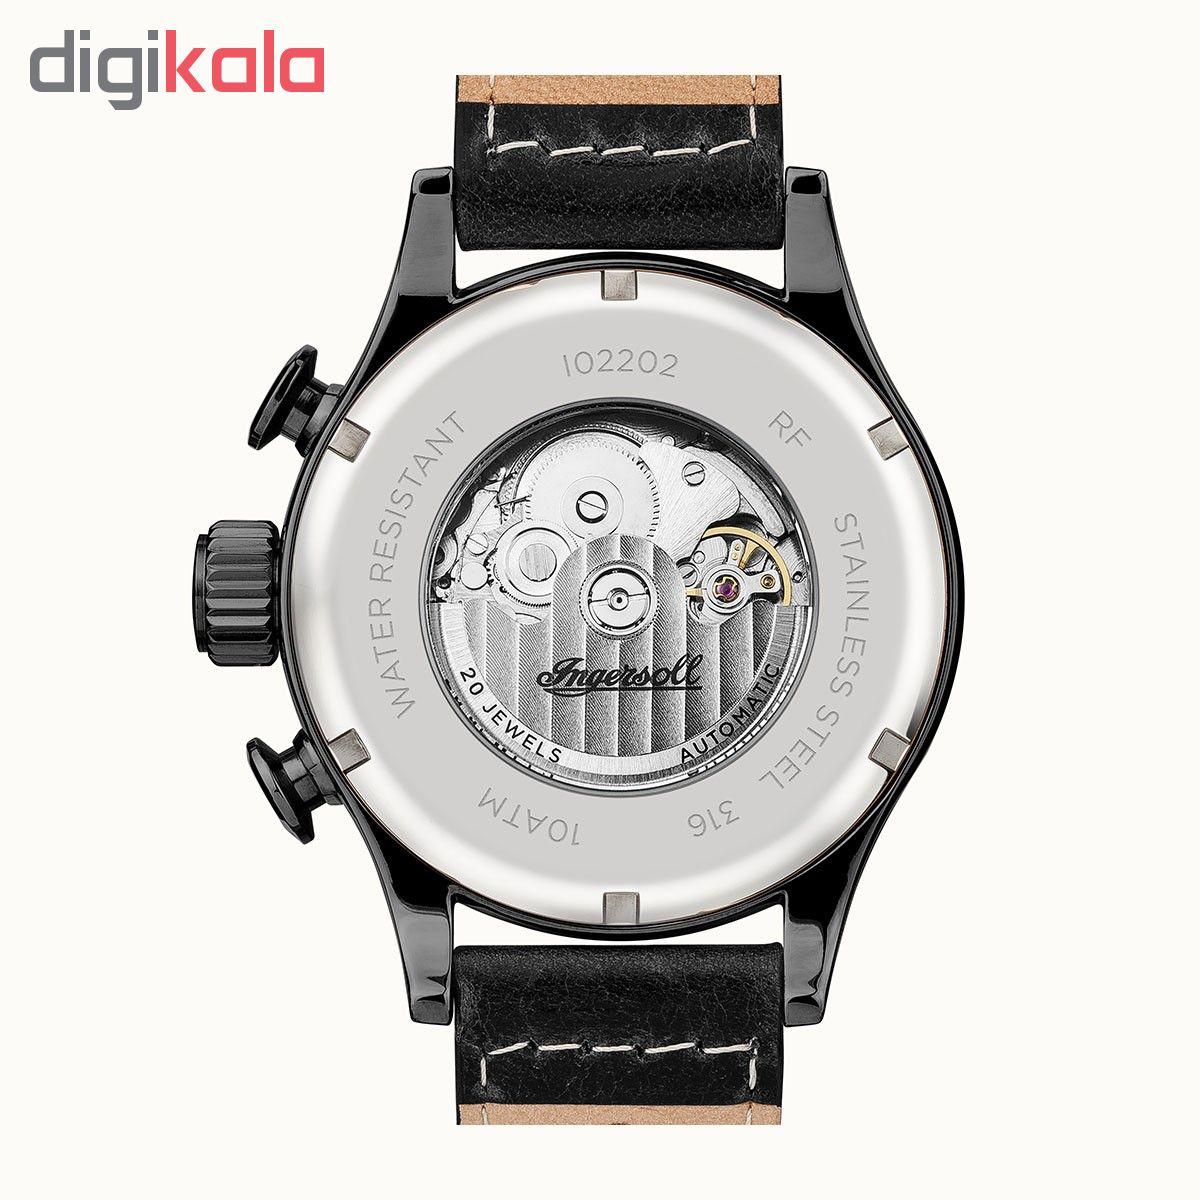 ساعت مچی عقربه ای مردانه اینگرسل مدل I02202